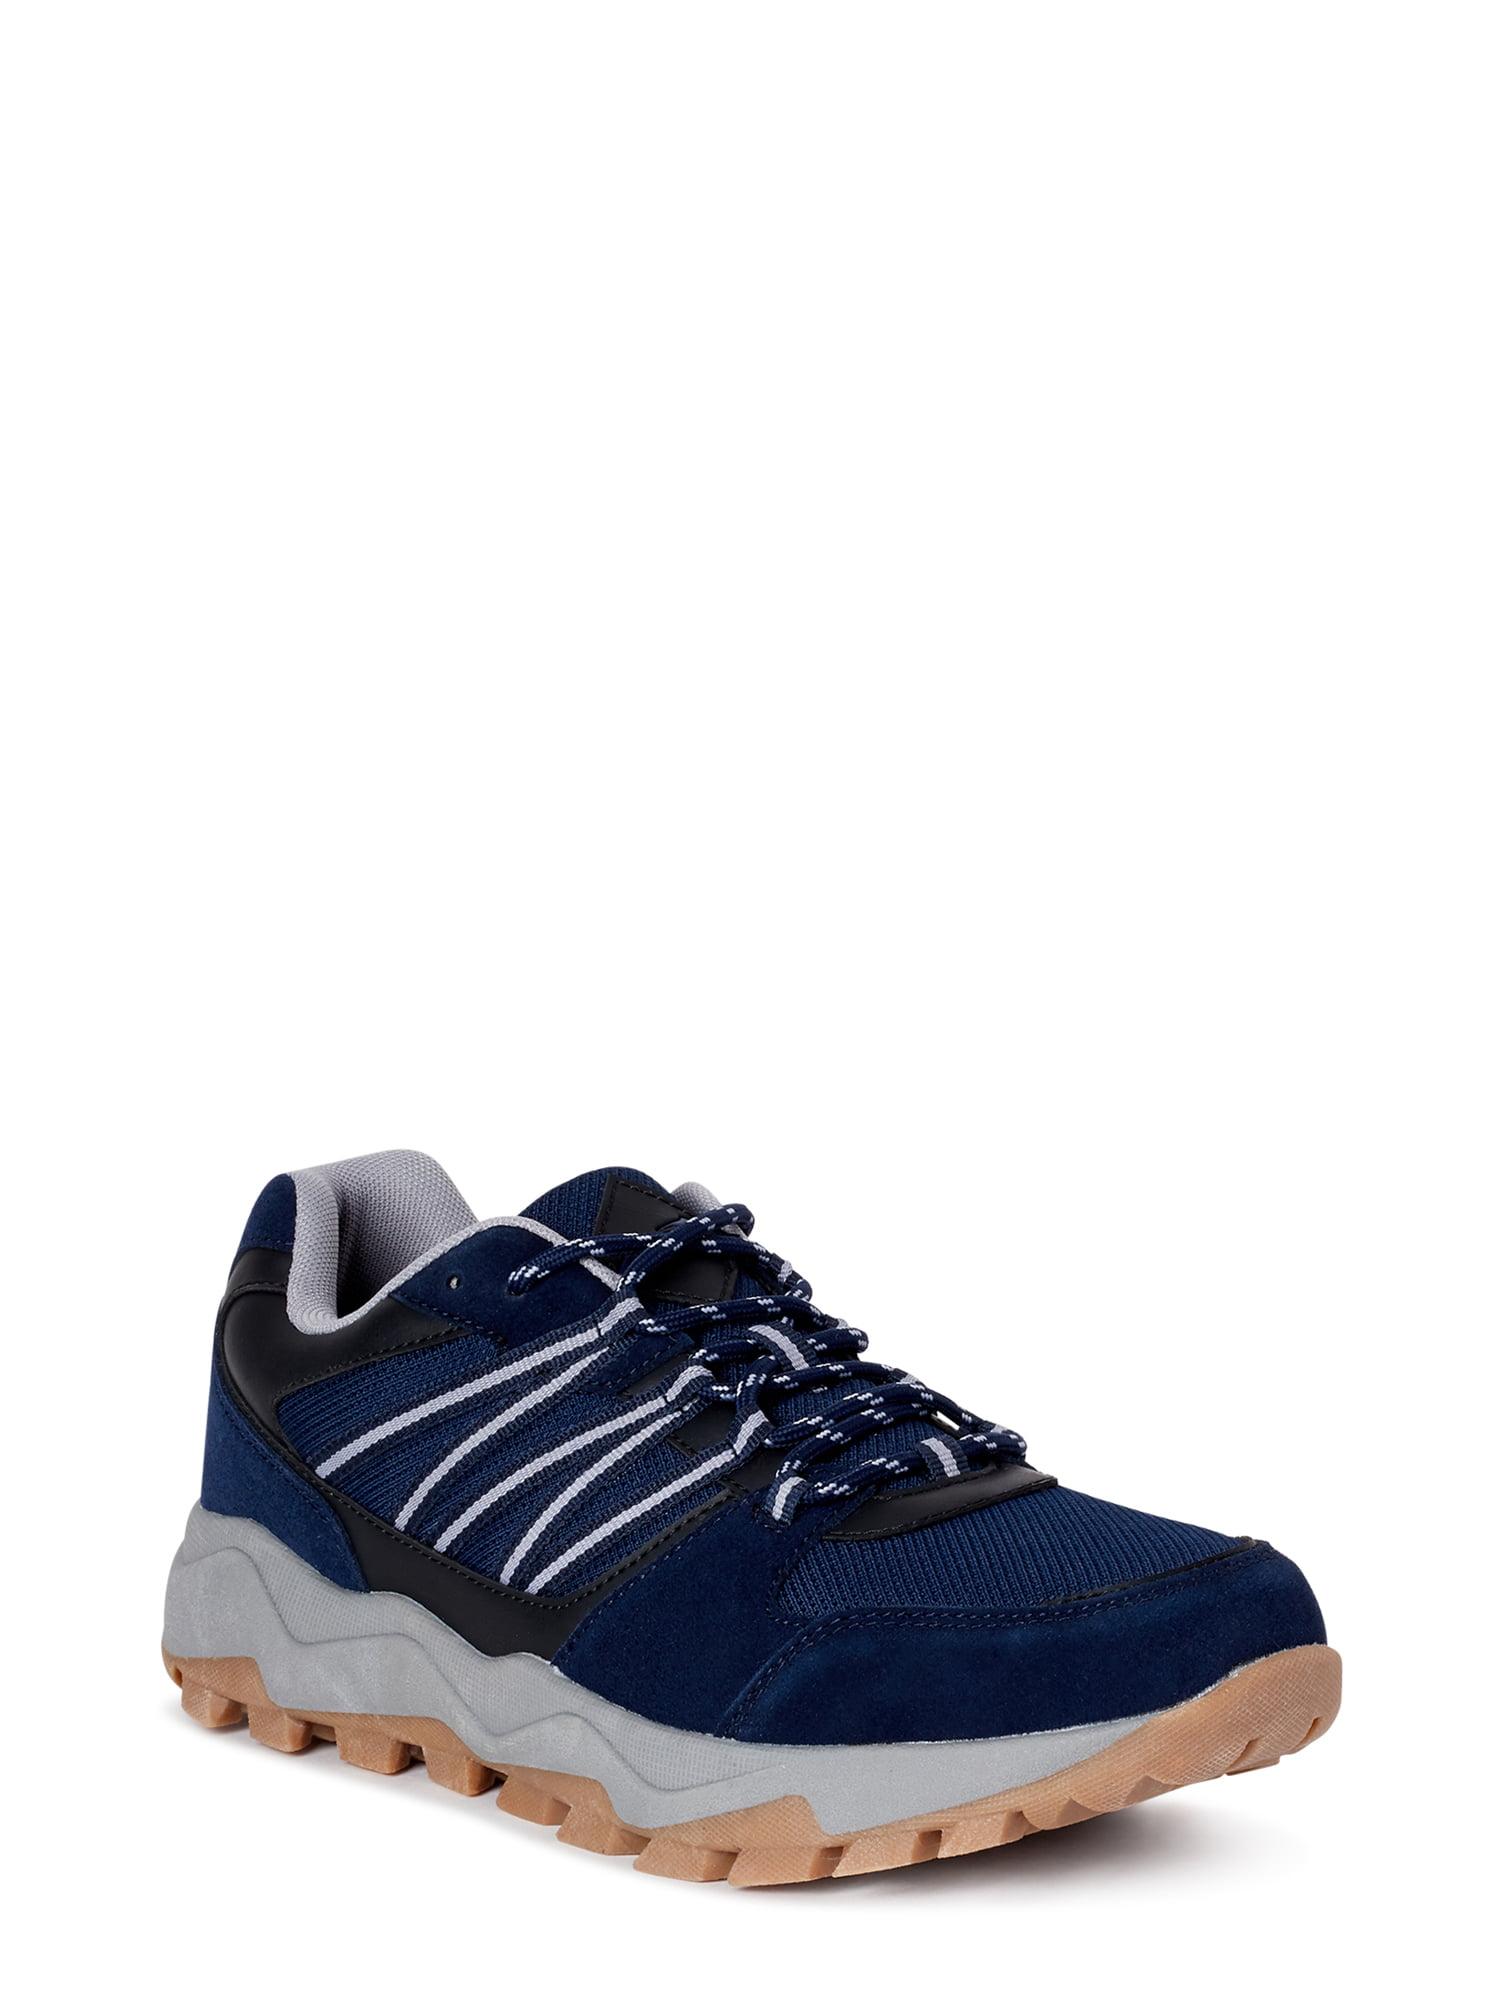 Avia Men's Theo Trail Running Shoe